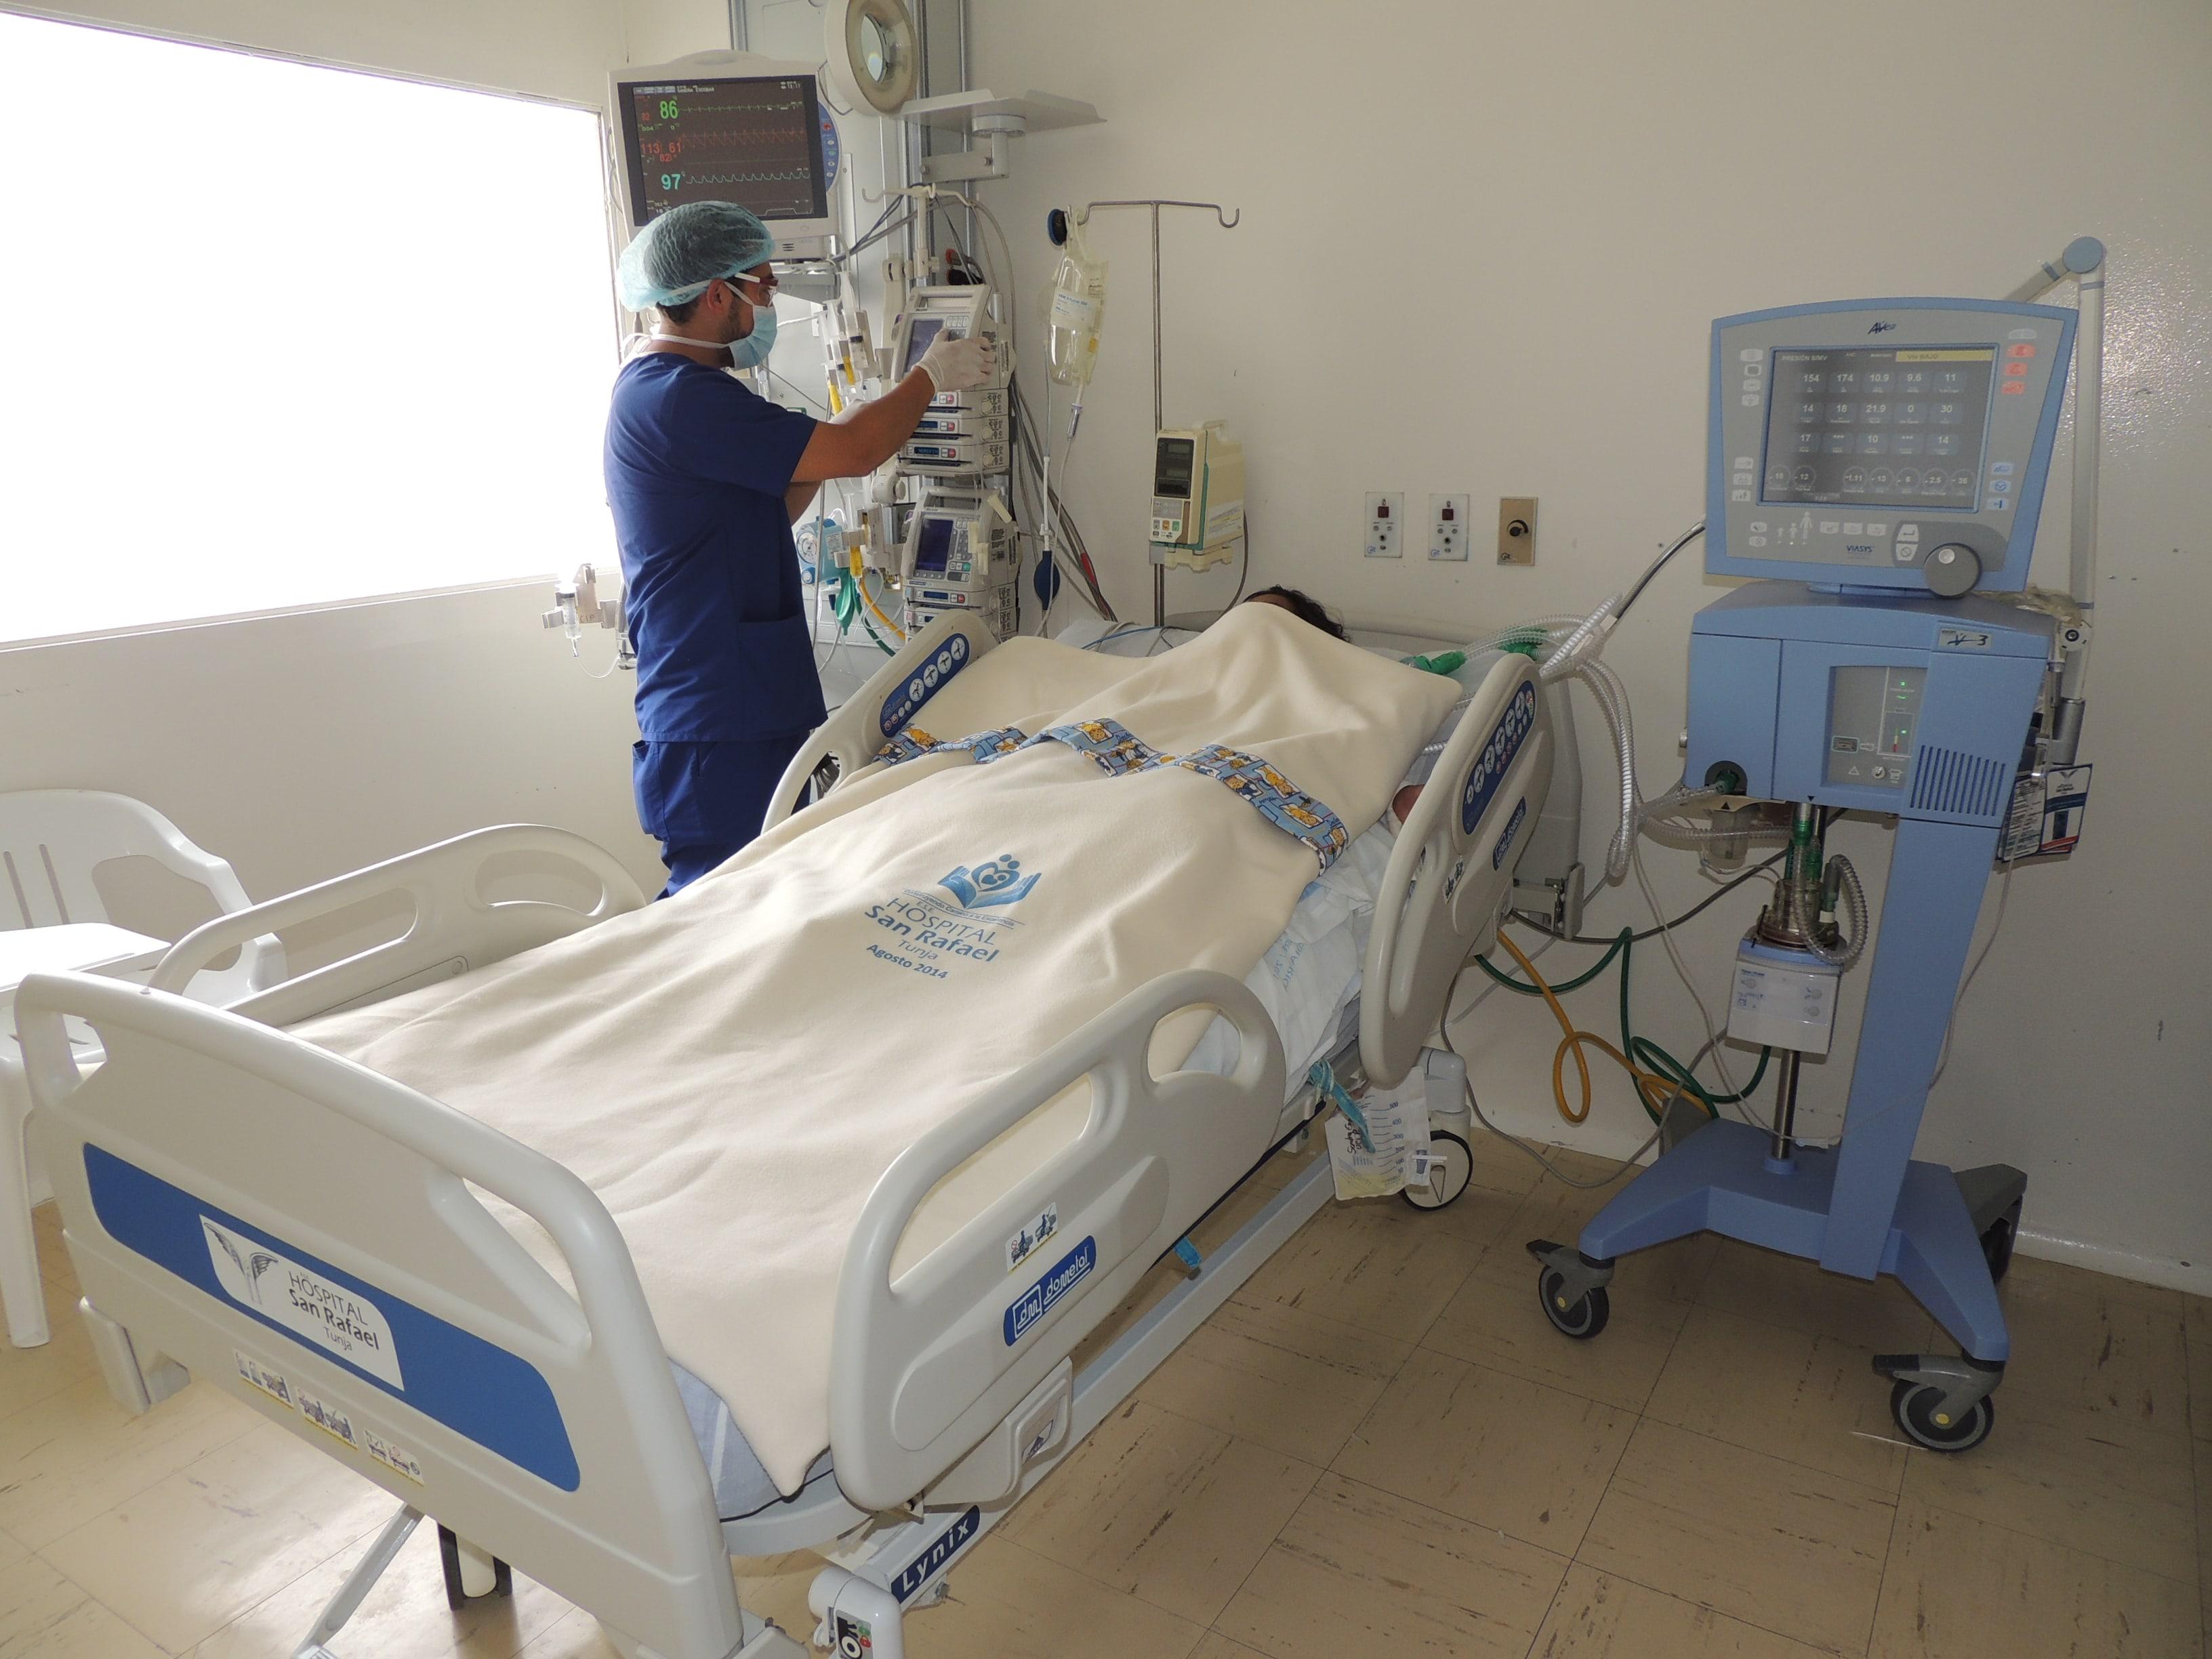 Garantizan liquidez para el sector salud. Recursos por $2,1 billones para hospitales y clínicas | Economía | EL FRENTE